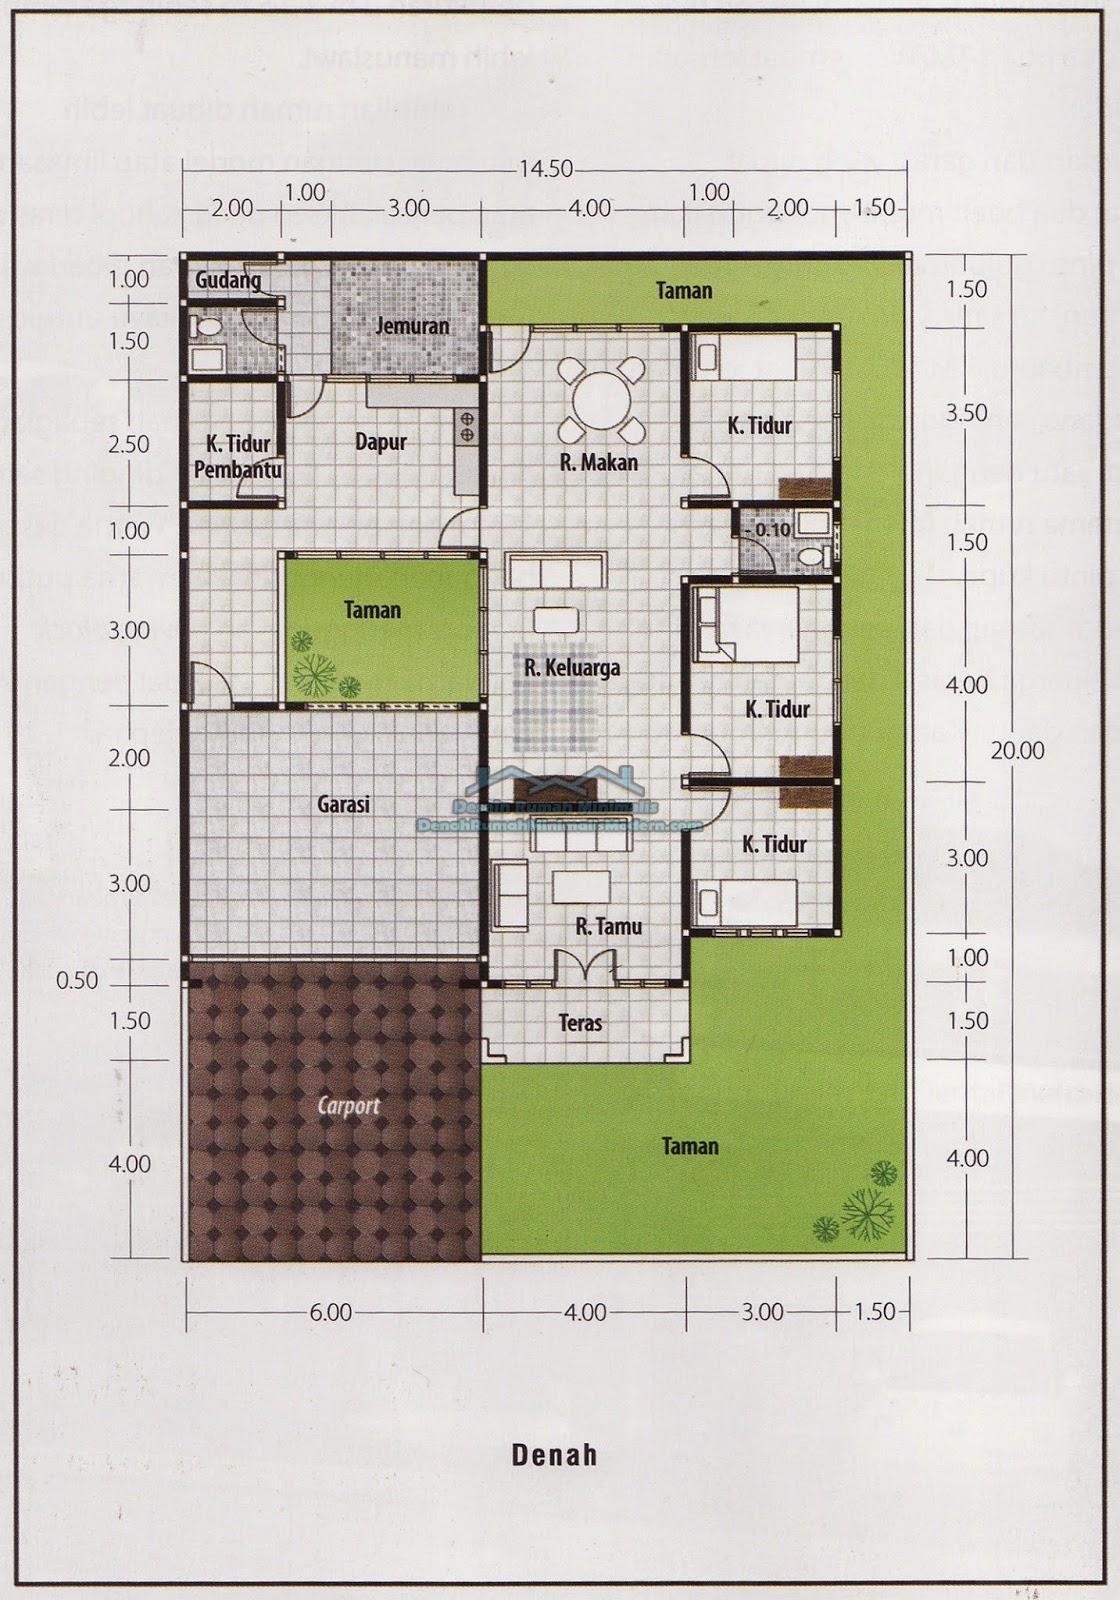 Desain Rumah Minimalis 1 Lantai 4 Kamar Tidur Foto Desain Rumah